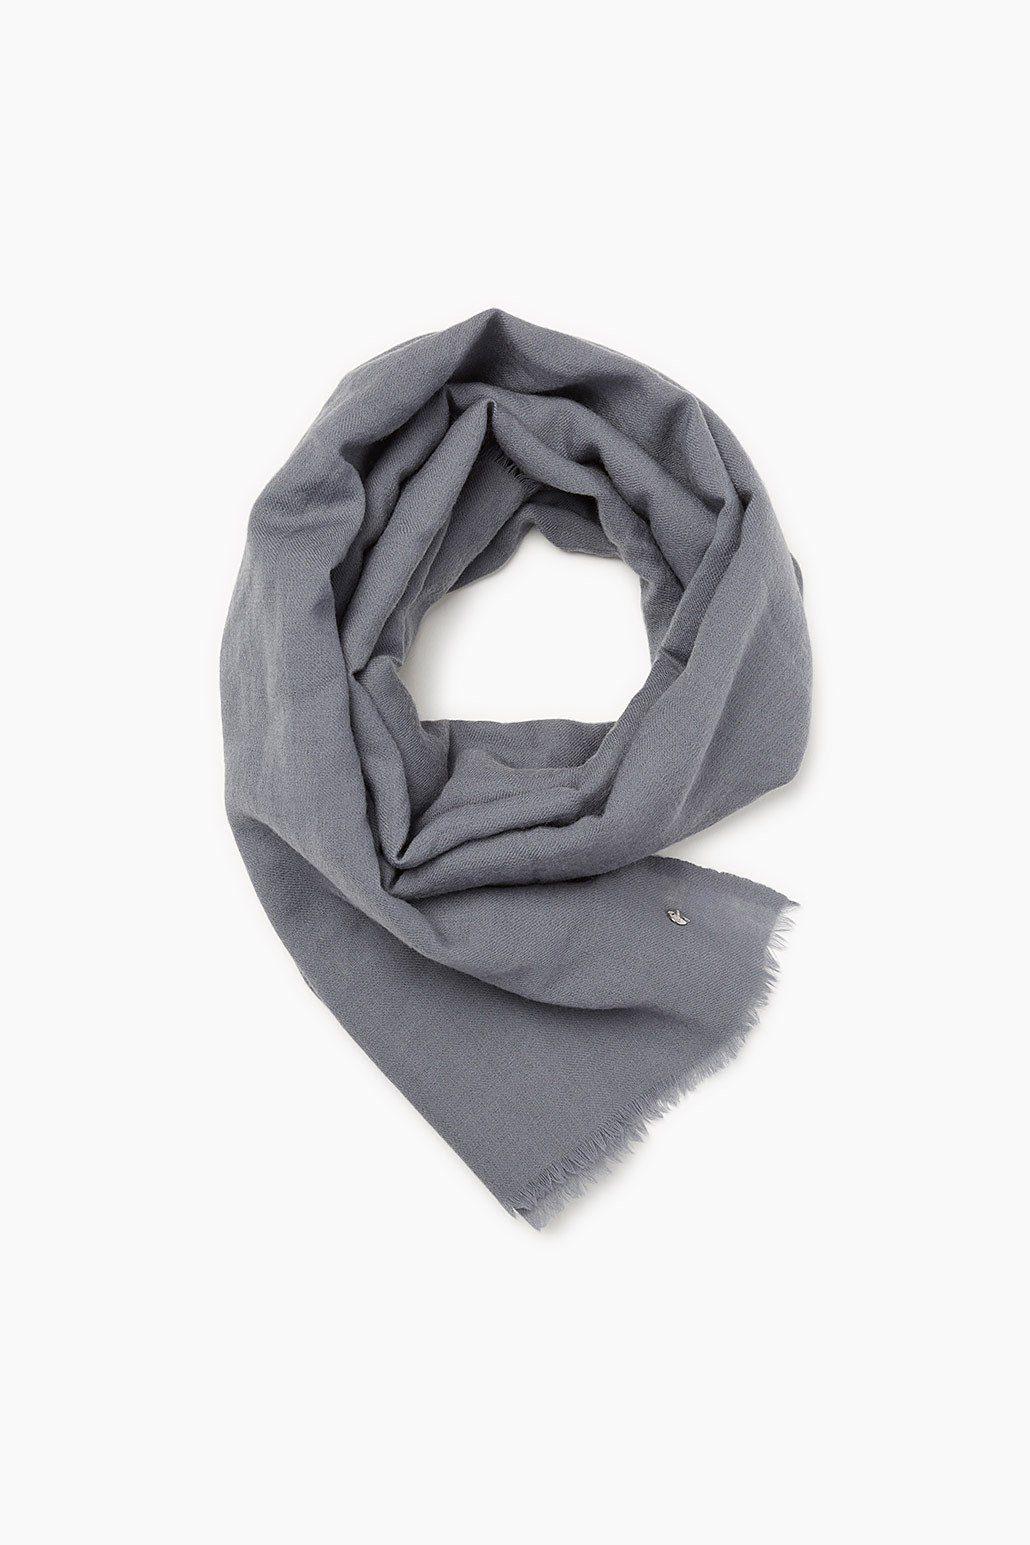 ESPRIT CASUAL Großer Schal aus leichtem Wollgewebe